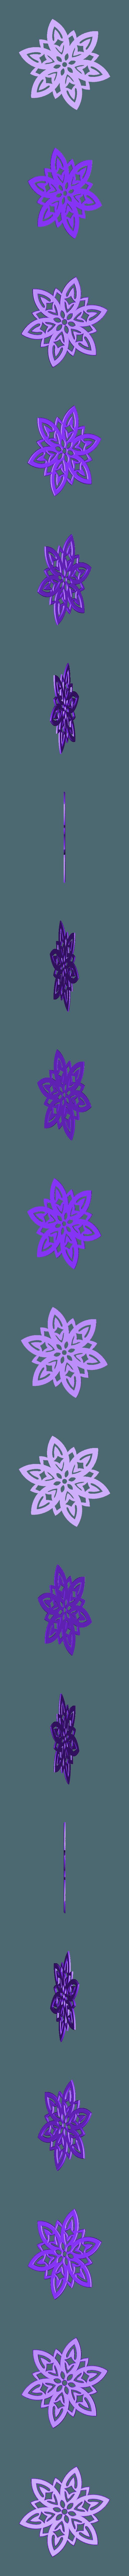 flower_bloom.stl Télécharger fichier STL gratuit Floraison de fleurs • Design à imprimer en 3D, Mirson3Dprint